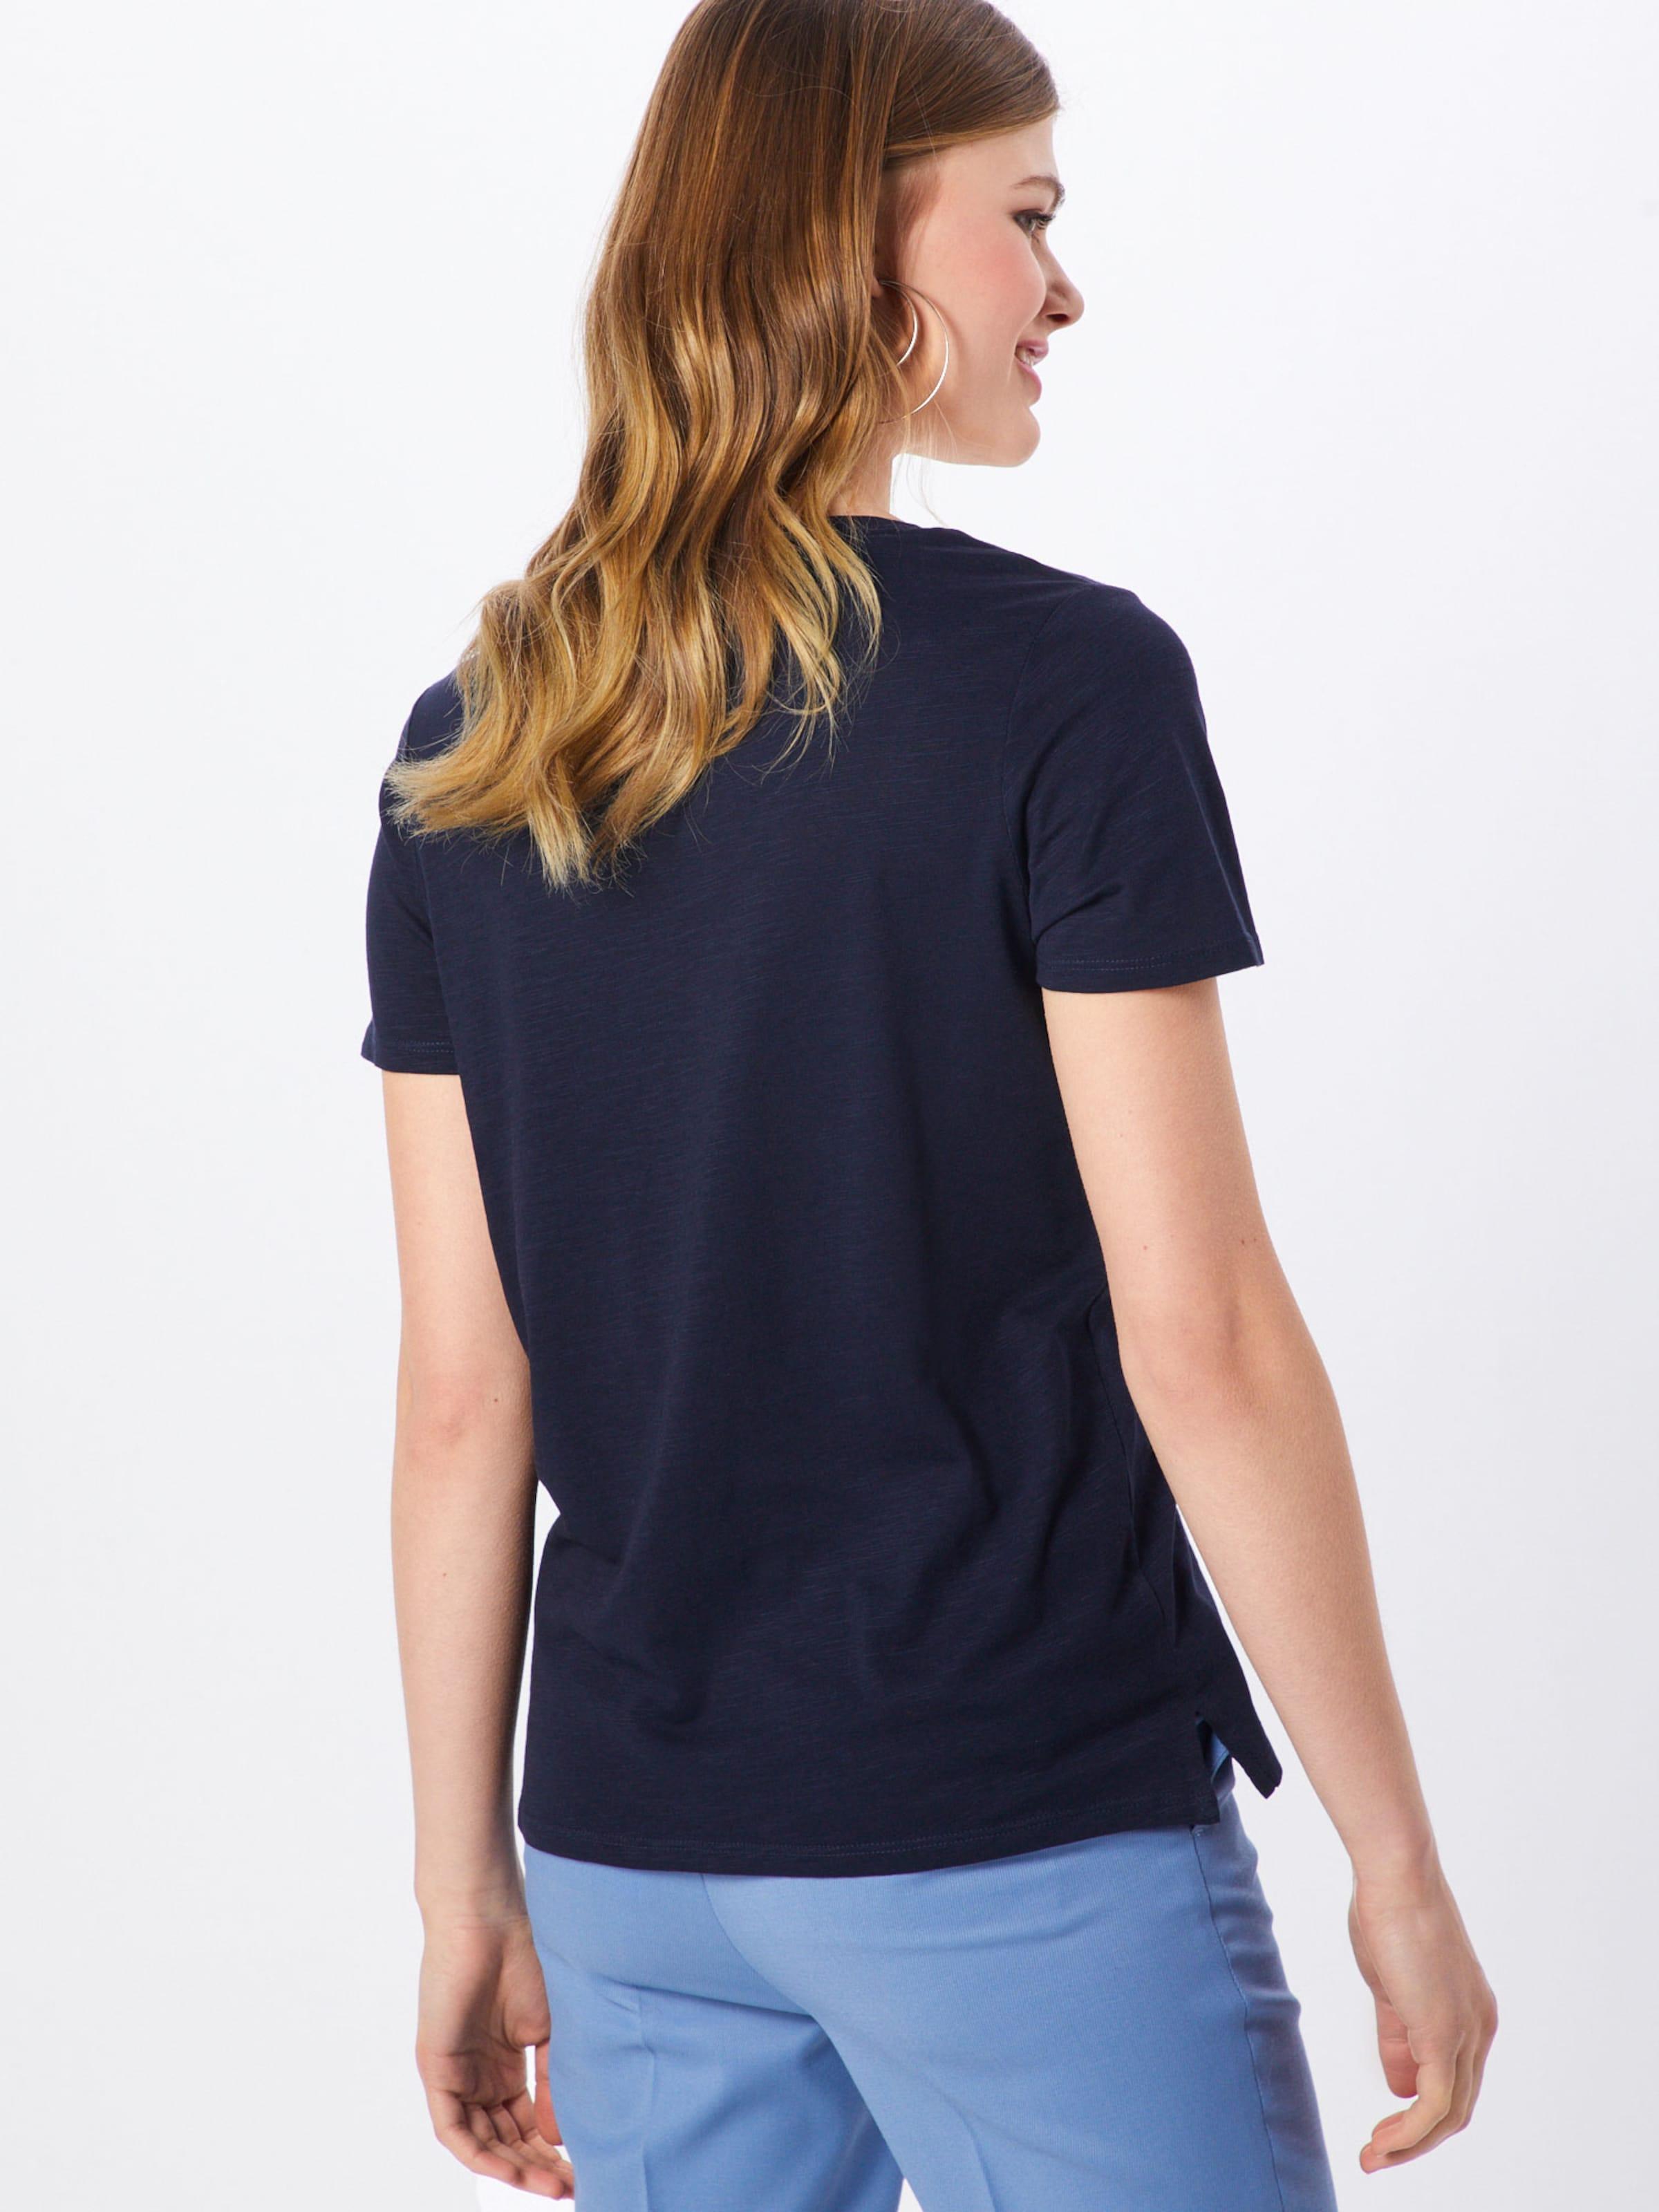 T oliver Label Marine shirt S Red Bleu En Ib7gymvYf6